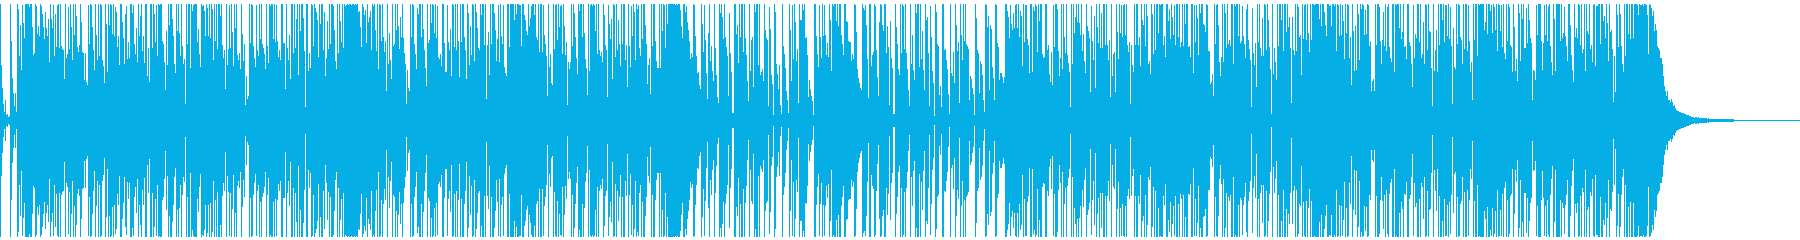 スラップベースが印象的なファンクの再生済みの波形